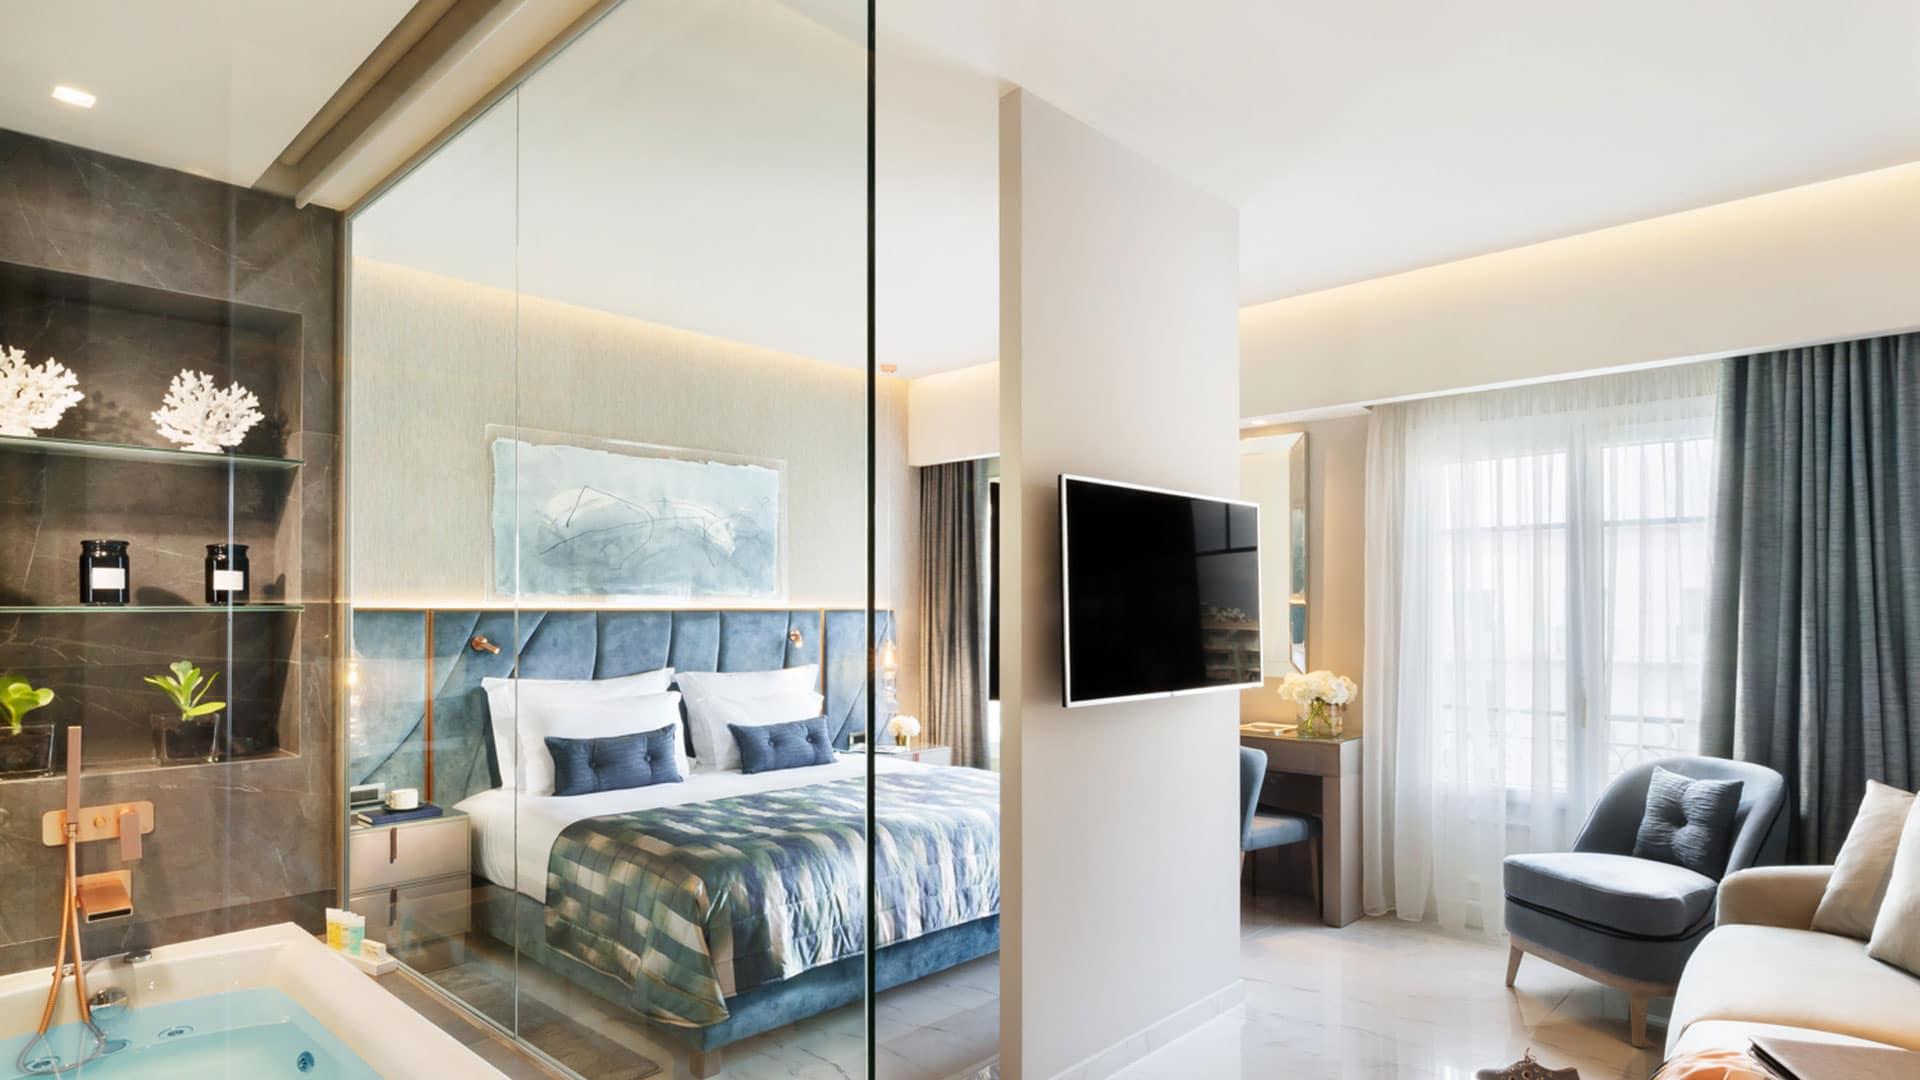 dimitriadis_grand-hotel_01